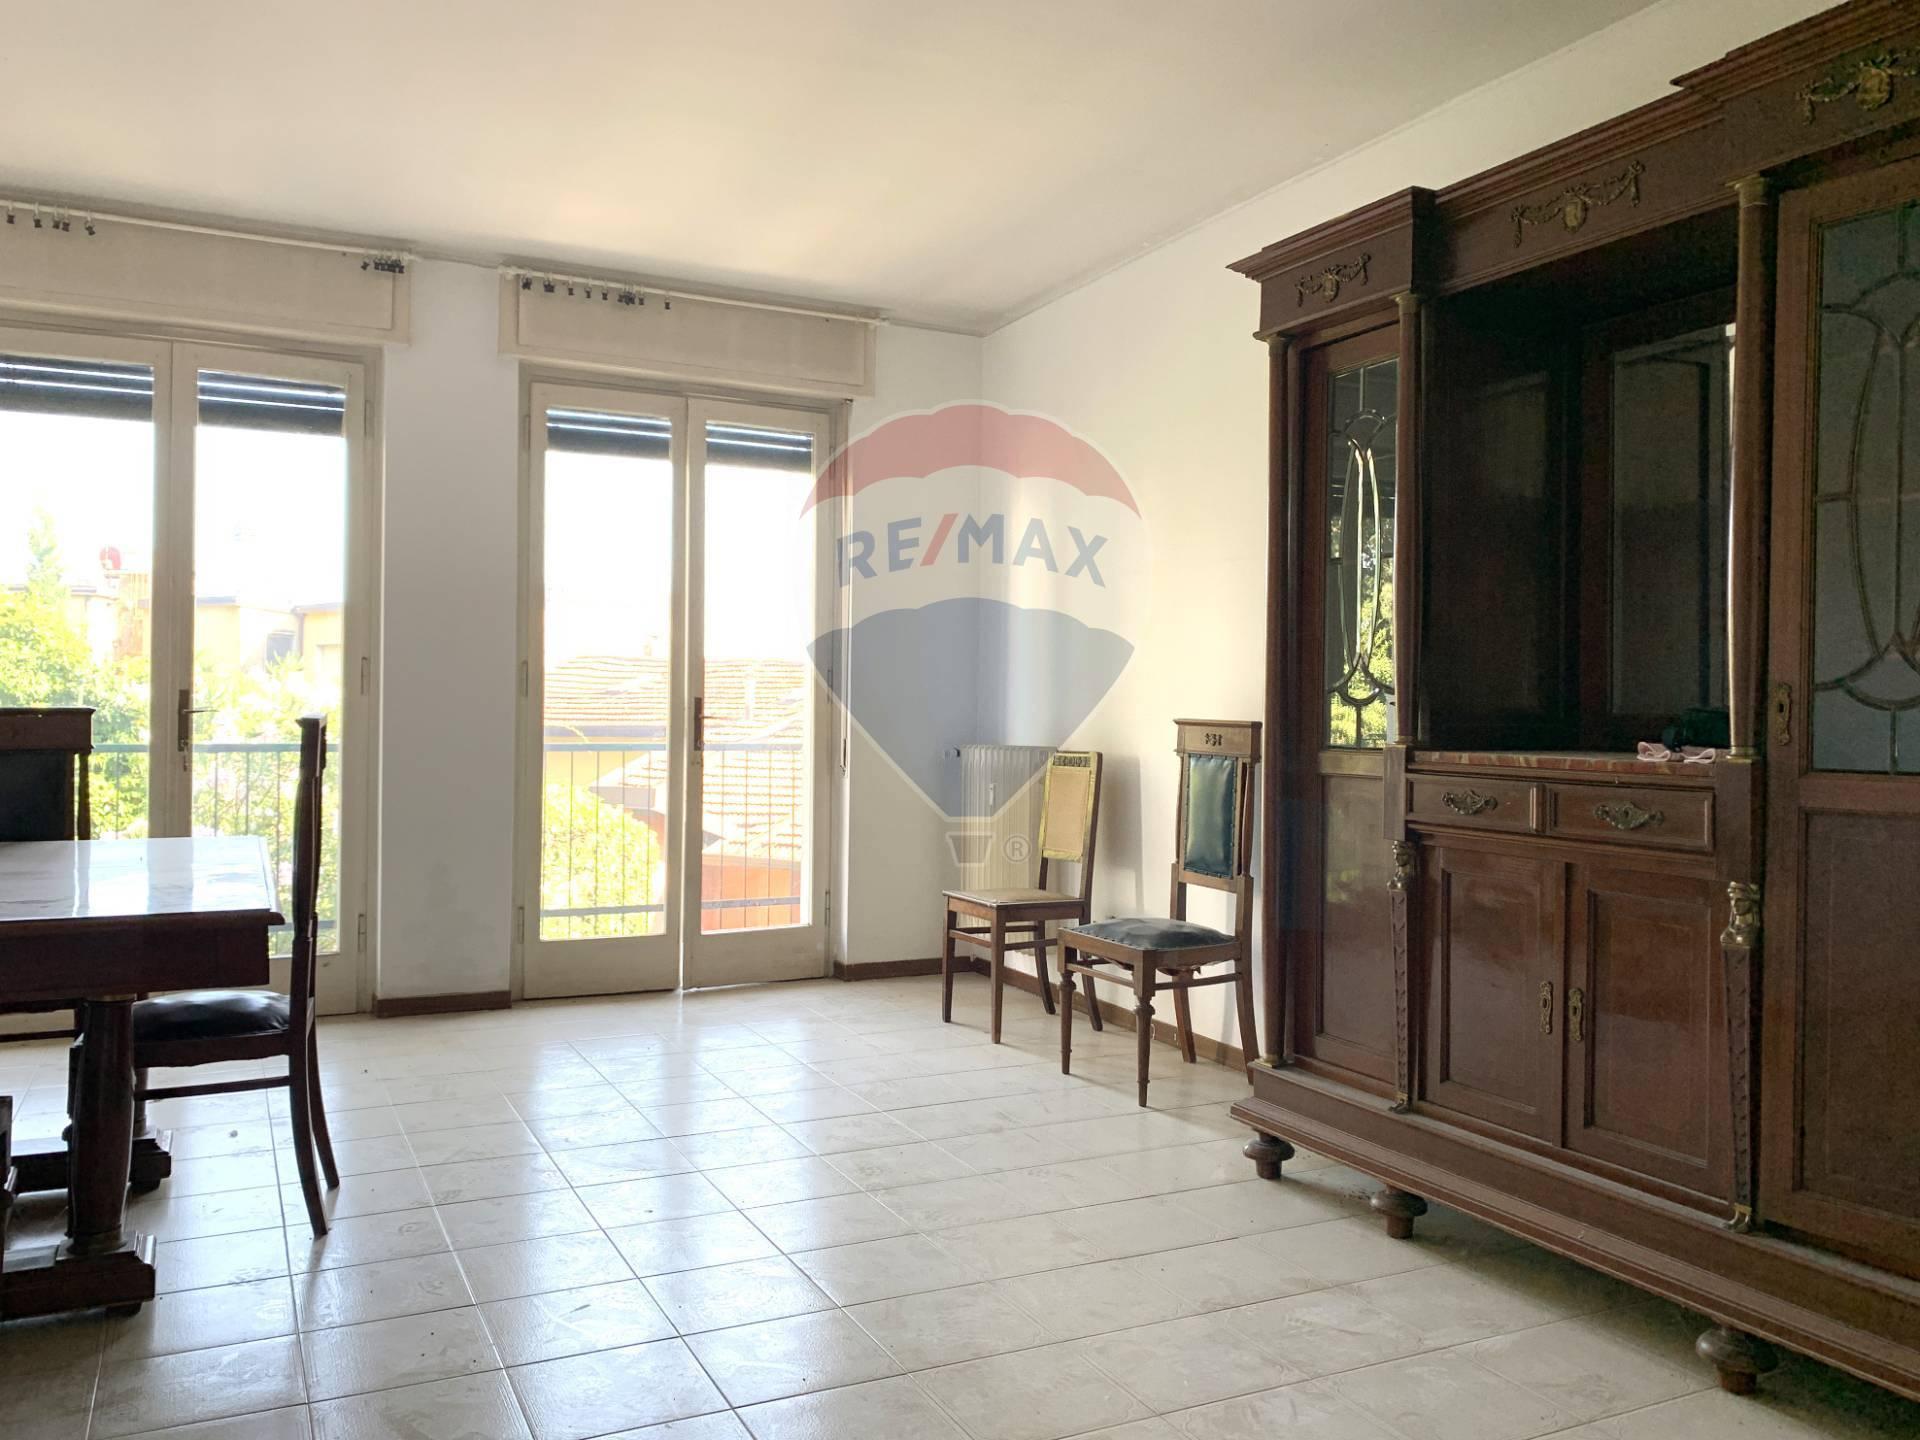 Appartamento in vendita a Gardone Riviera, 4 locali, prezzo € 155.000 | CambioCasa.it